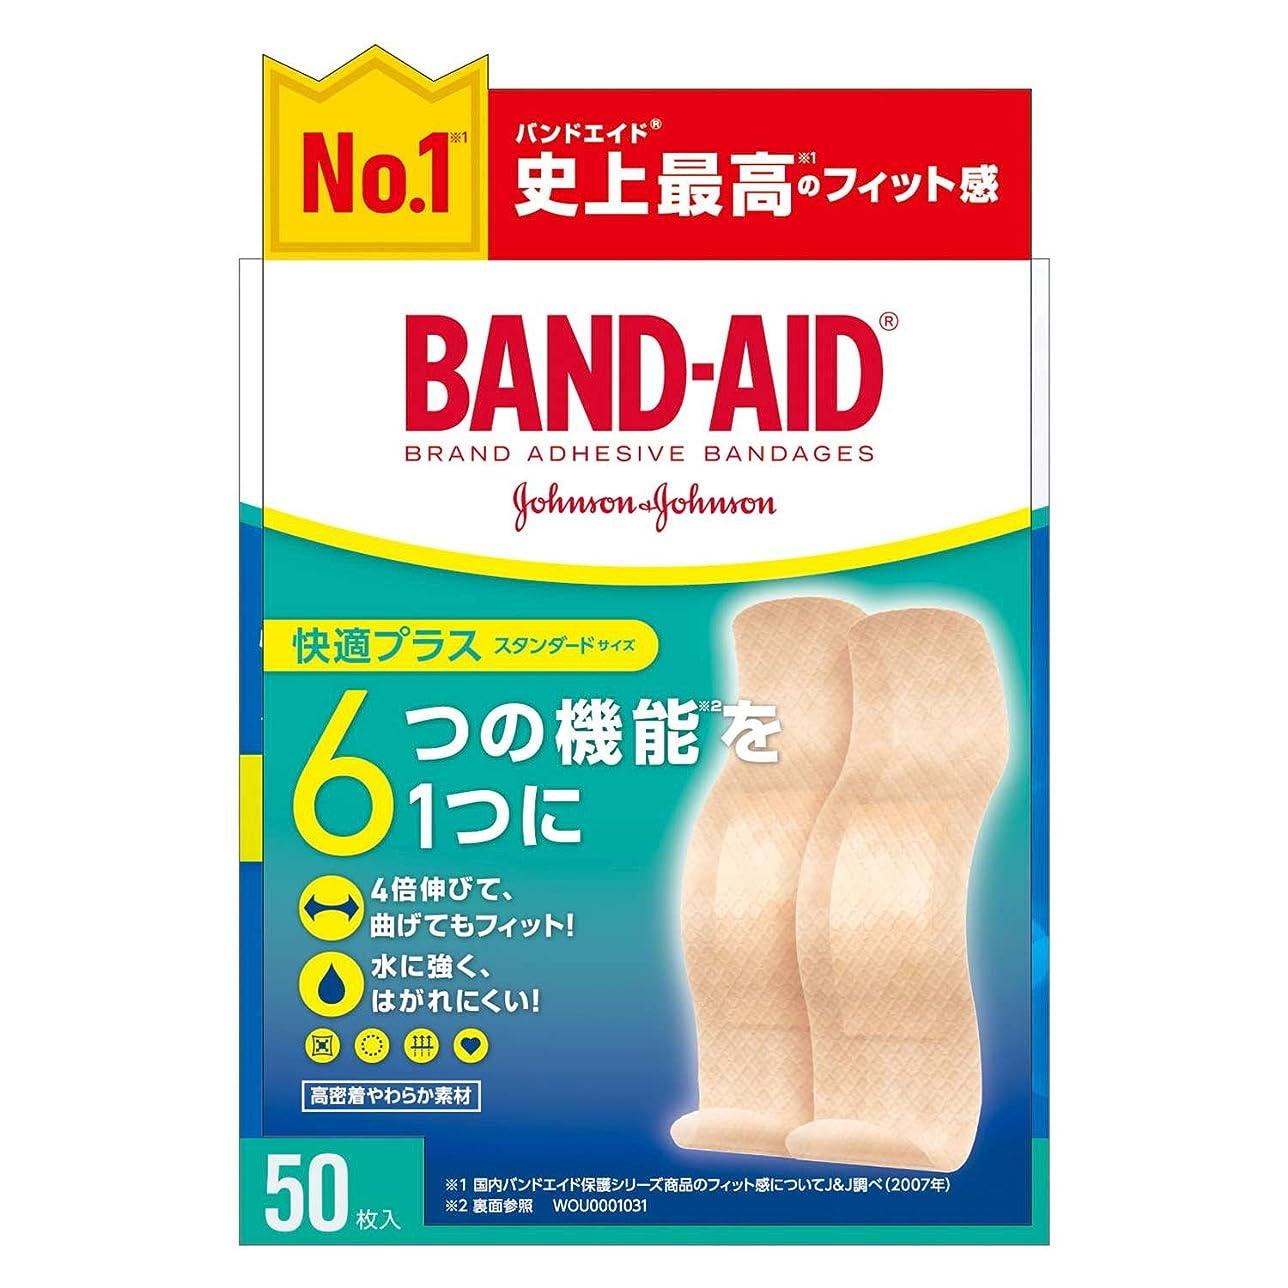 バンガローバイオレット軽食BAND-AID(バンドエイド) 救急絆創膏 快適プラス スタンダードサイズ 50枚